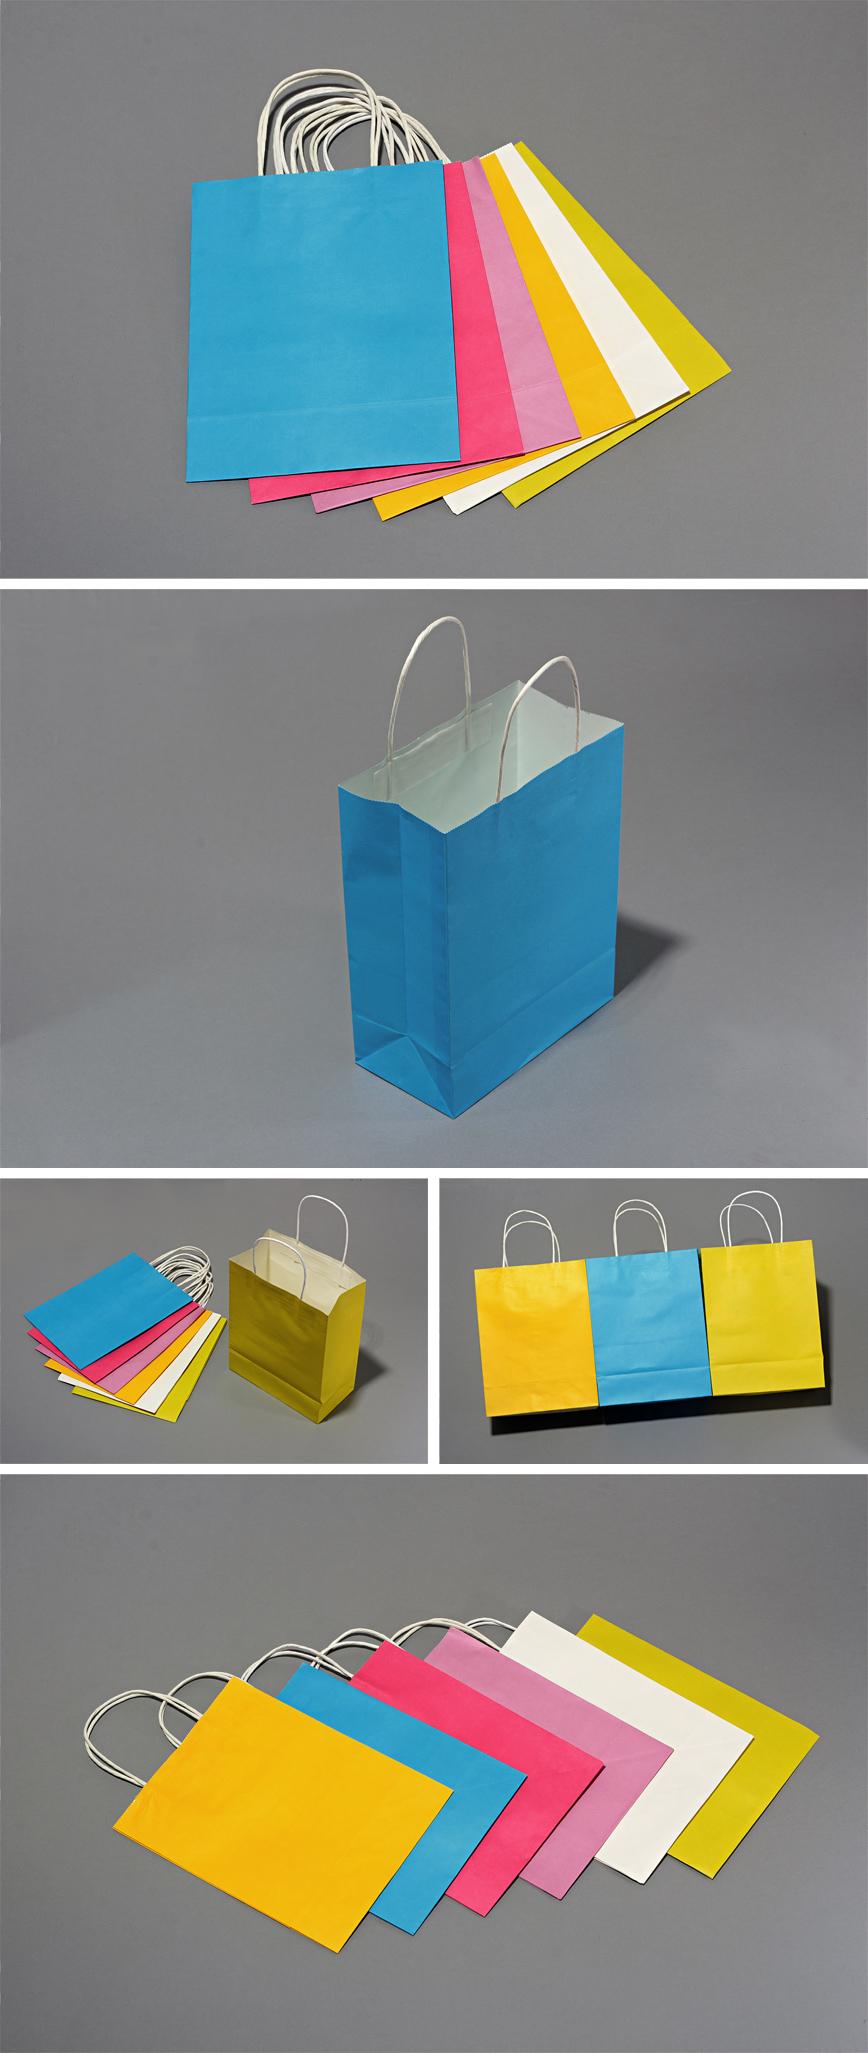 環保紙袋(手提袋)樣品展示,環保紙袋(手提袋)局部細節、顏色、款式展示。